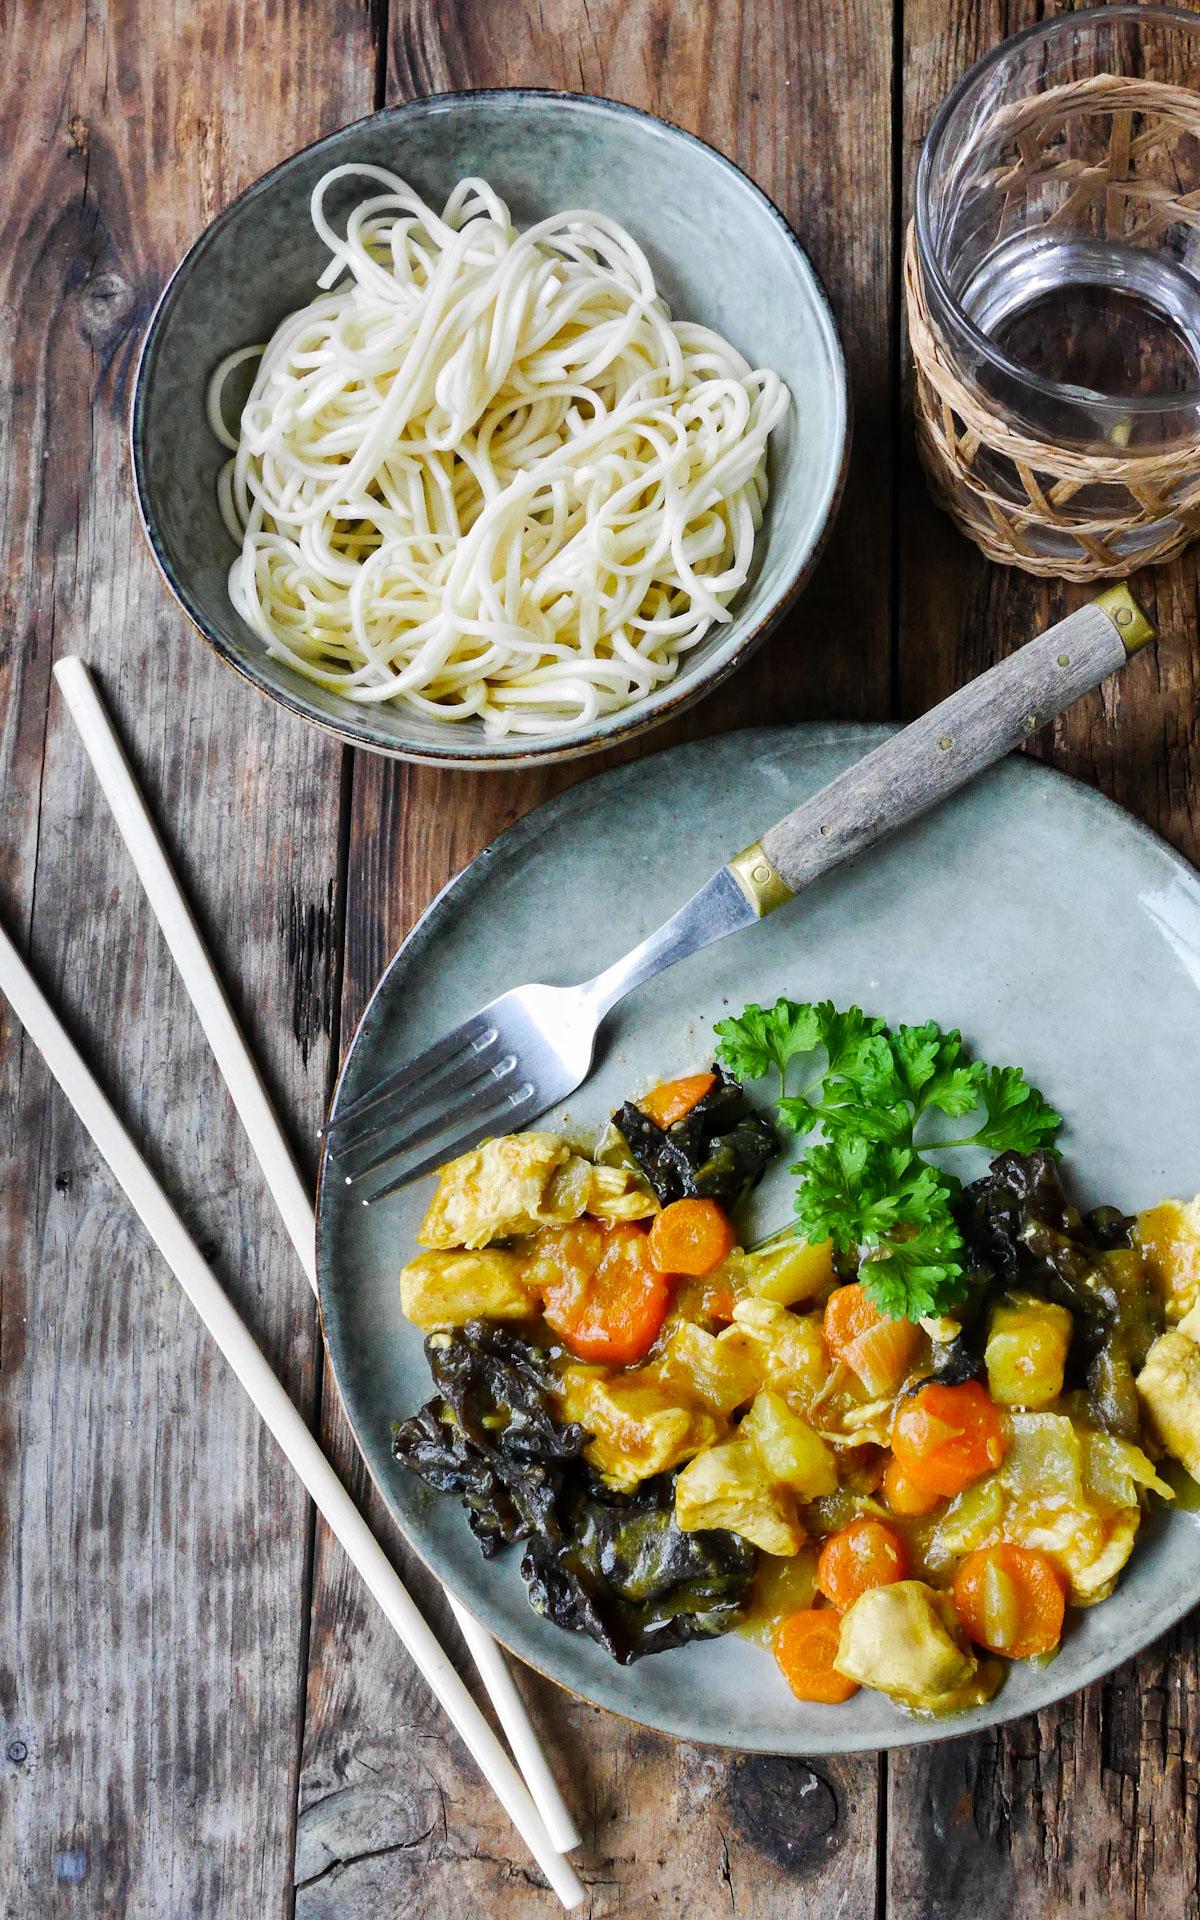 assiette de curry japonais et champignons noirs, servi avec des nouilles